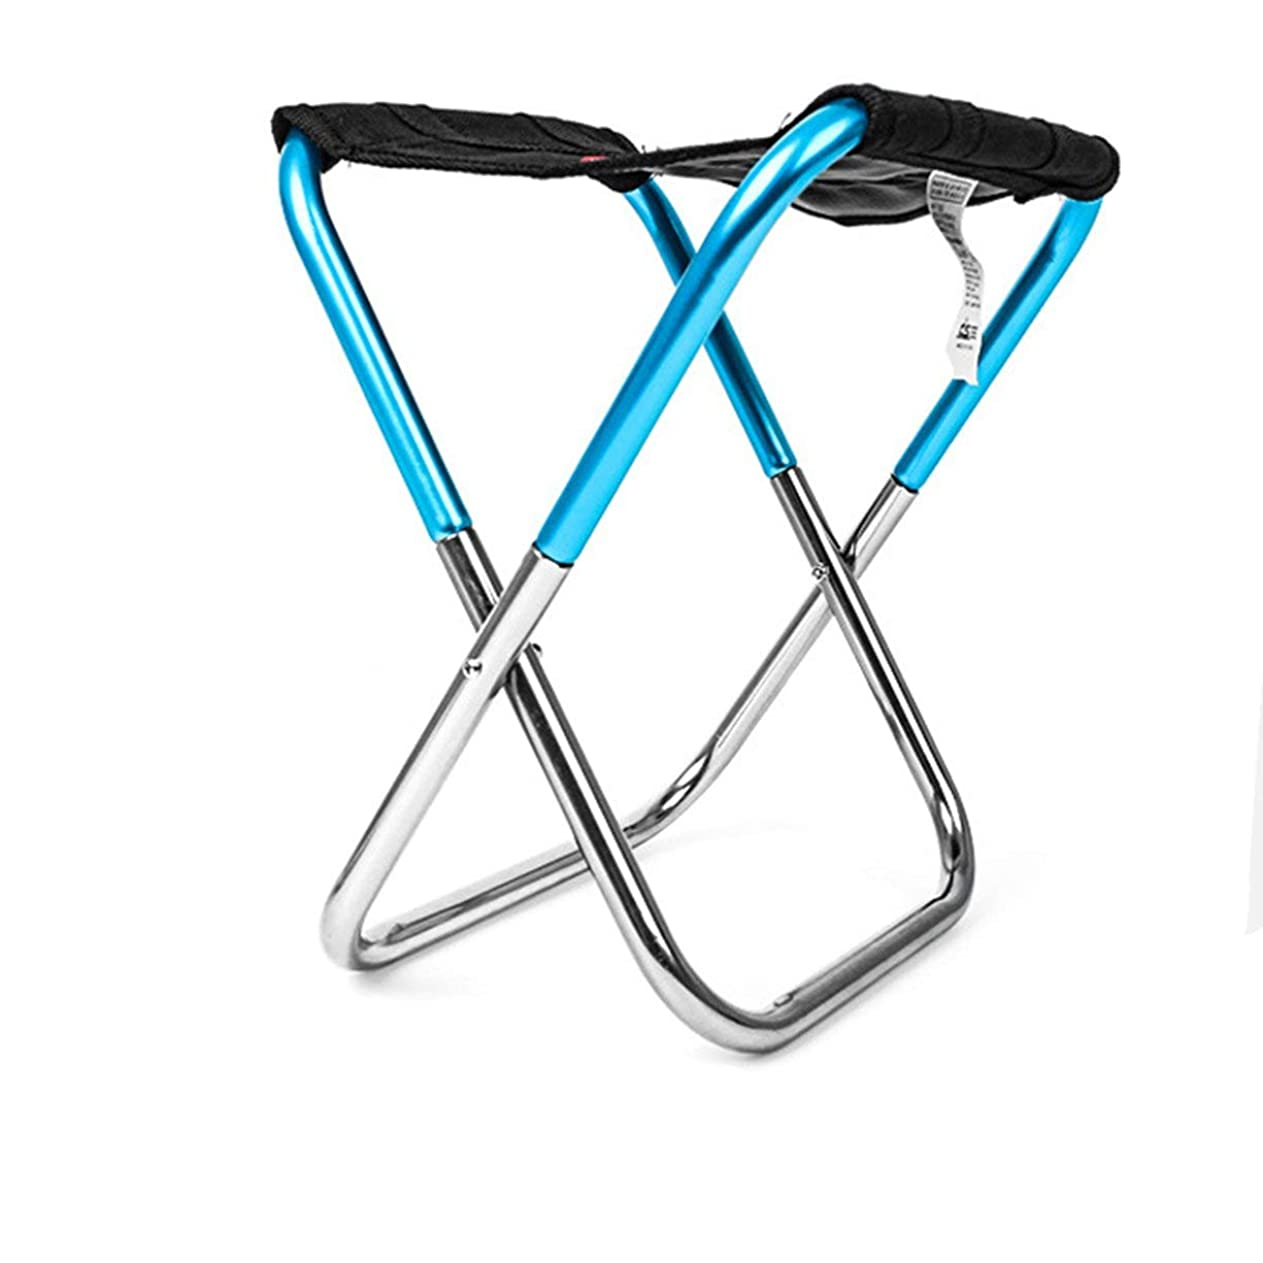 損なう真っ逆さま軍隊屋外折りたたみシートチェア折りたたみミニスツールポータブルキャンプフィッシングトレインベンチ折りたたみ式並んだスツール-ブルー